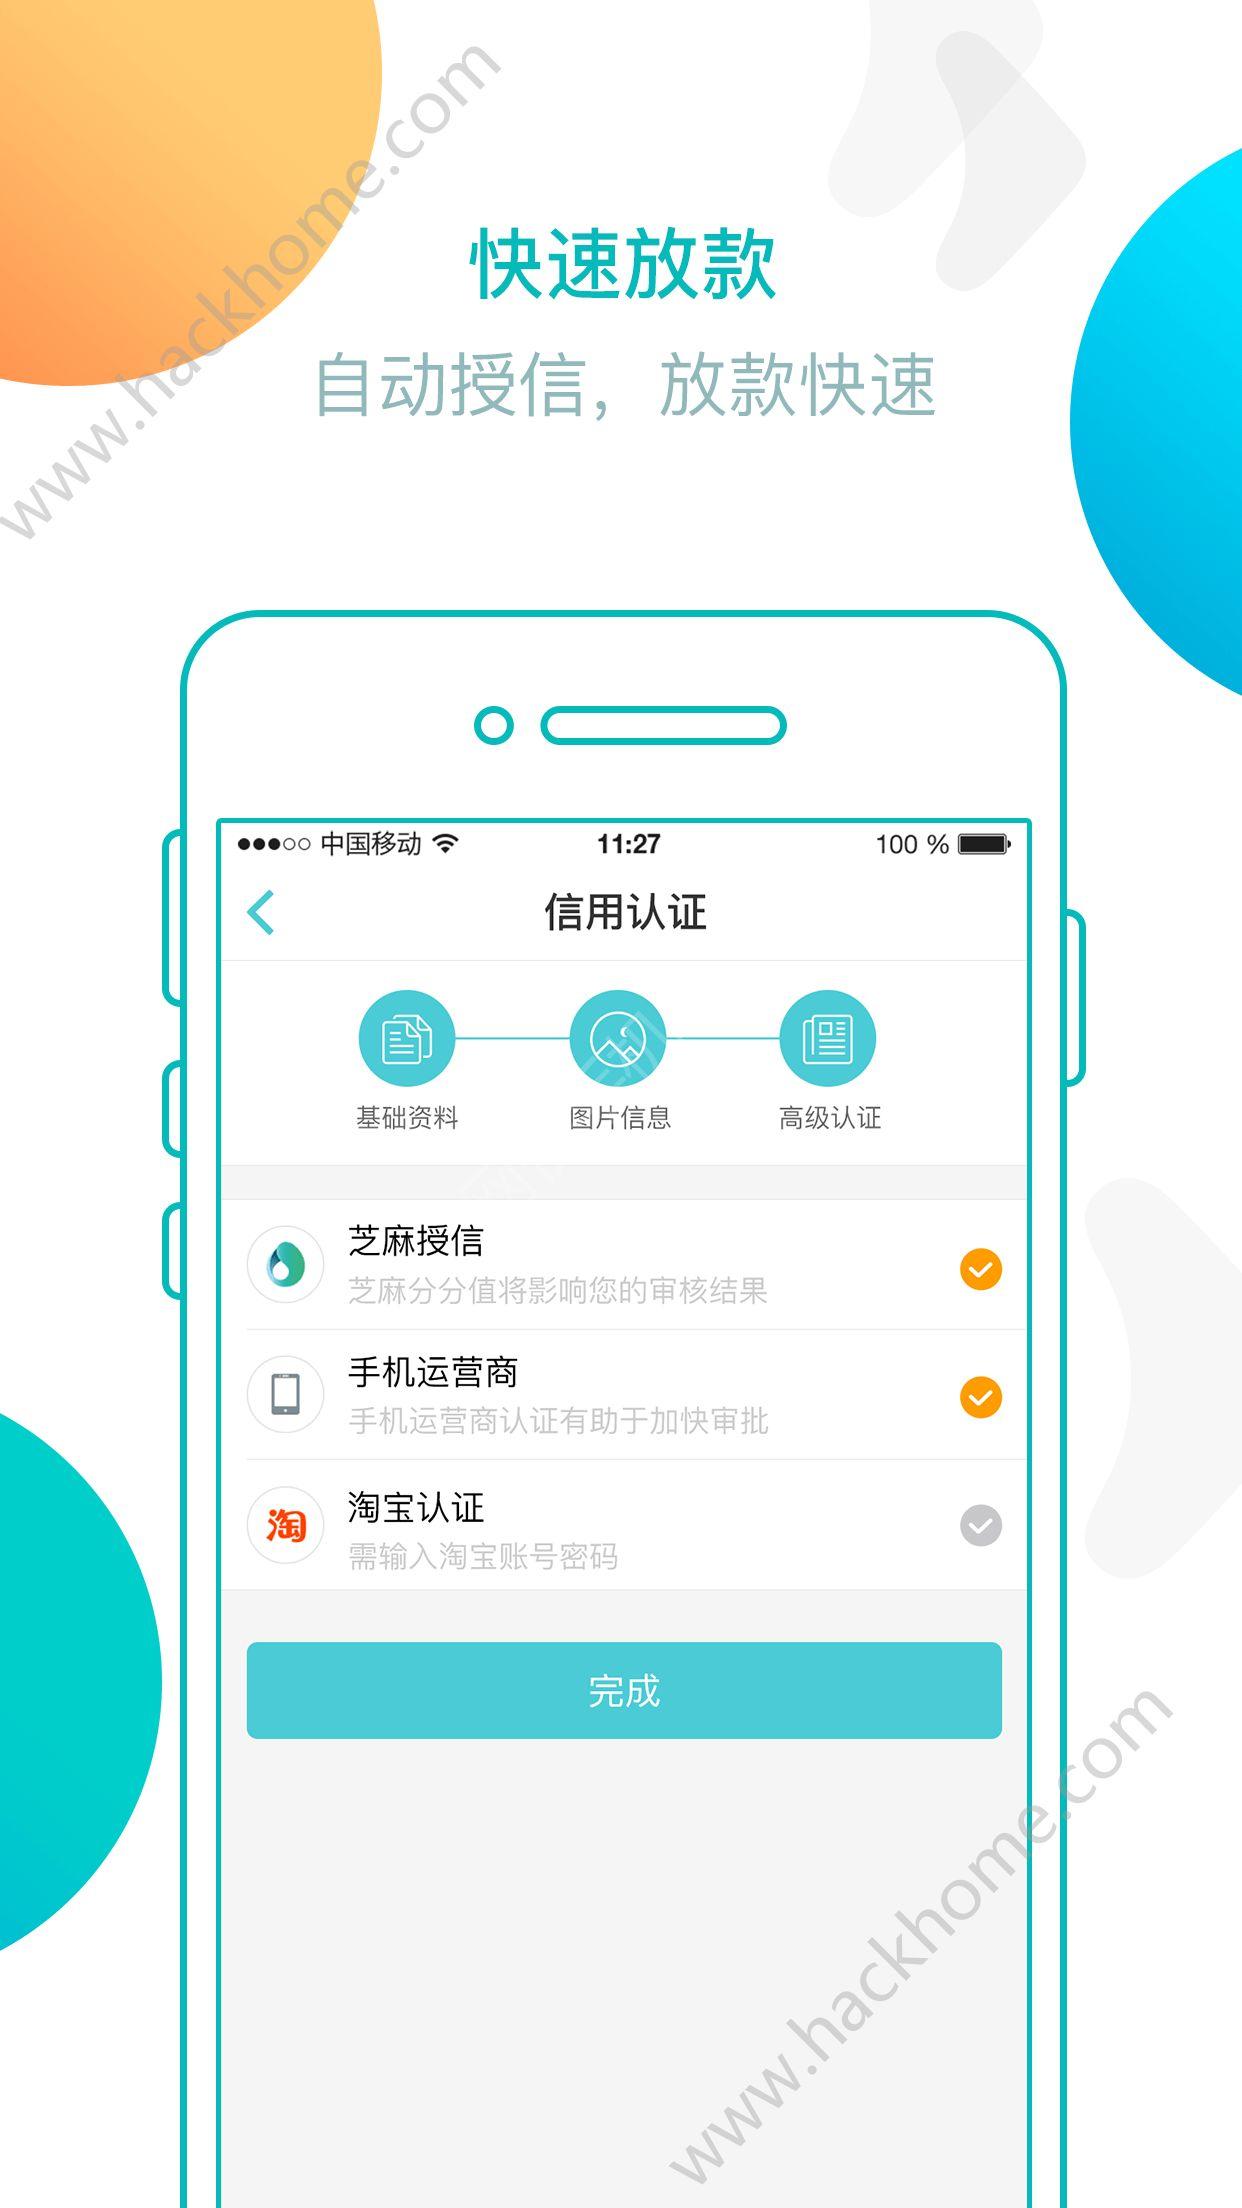 多享借点贷款官网app下载手机版图3: